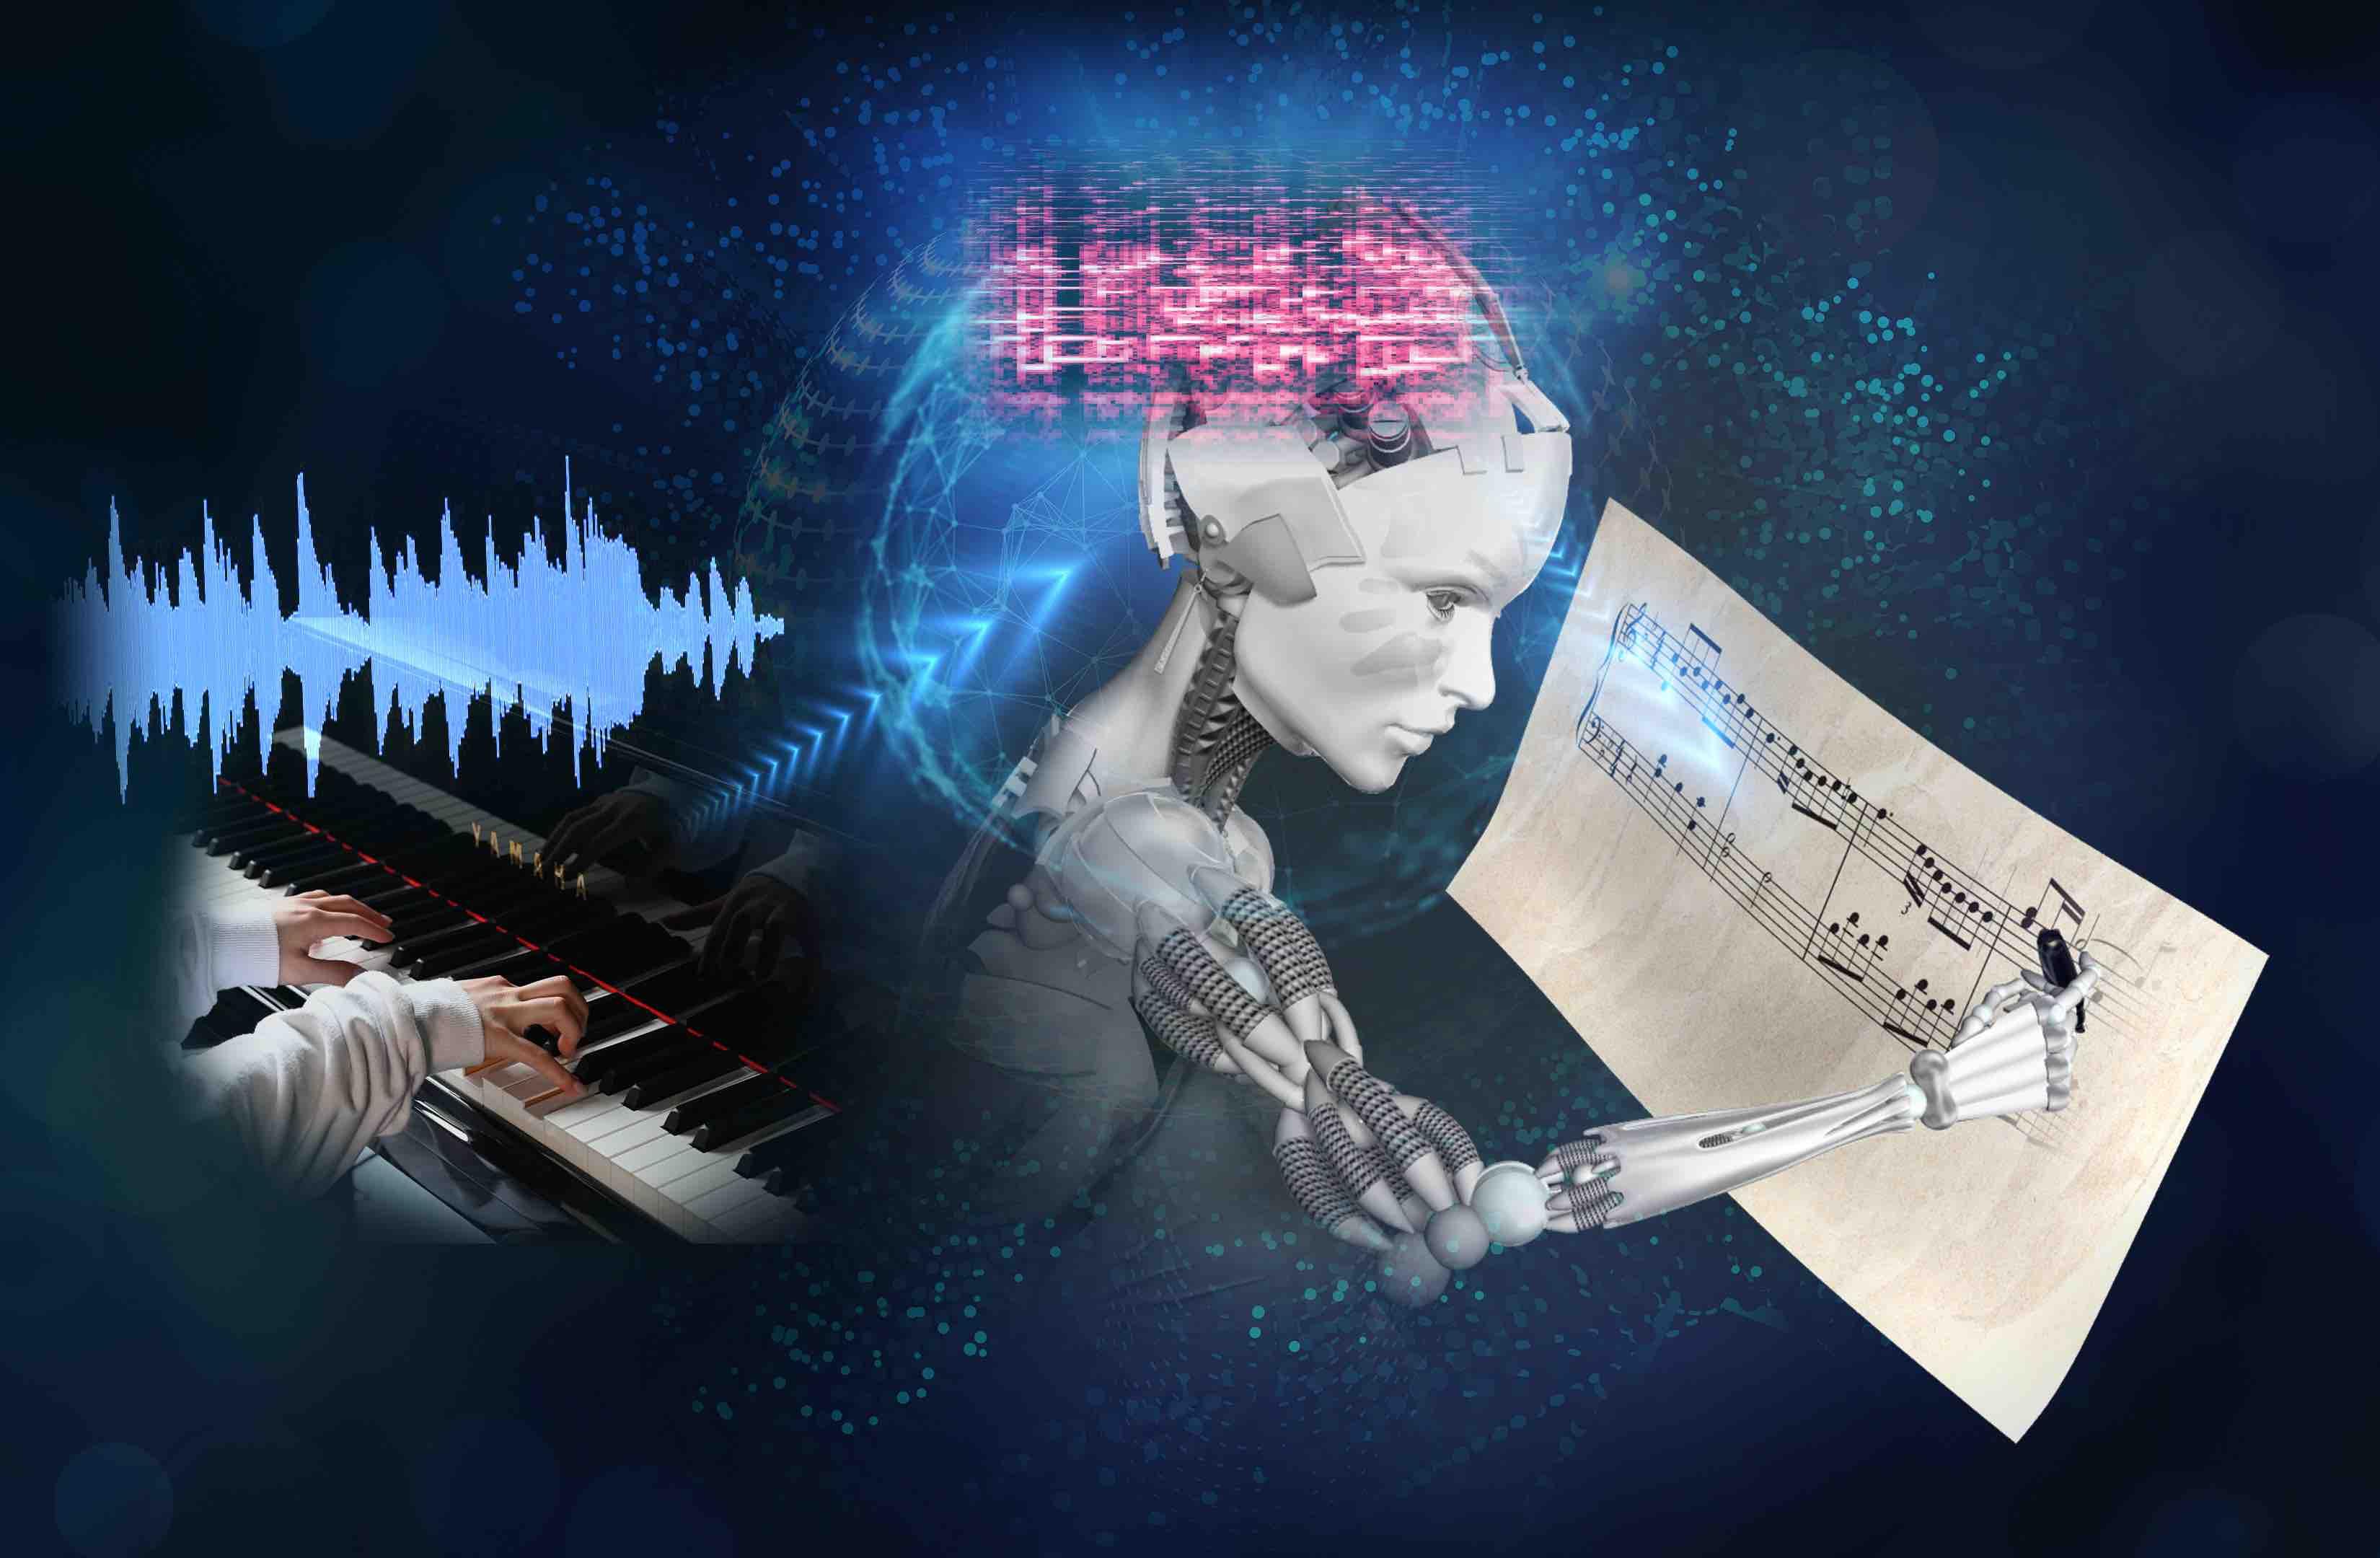 Audio-to-score piano transcription